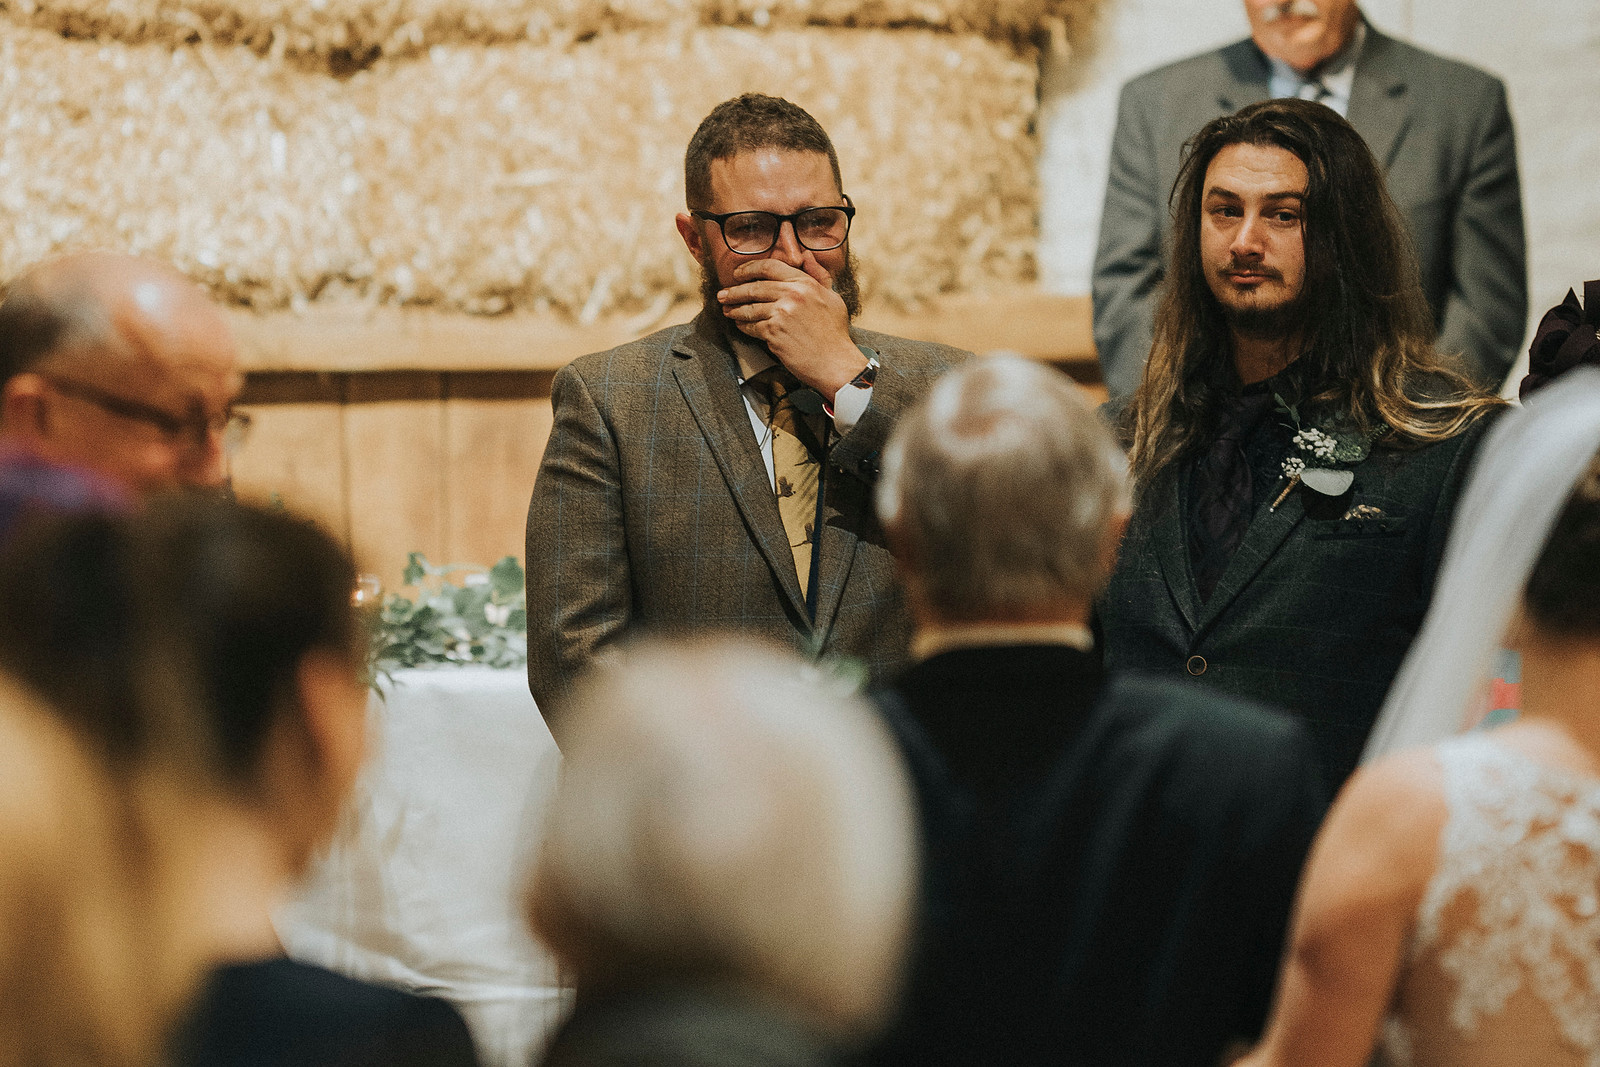 Groom full of emotions as he sees his bride